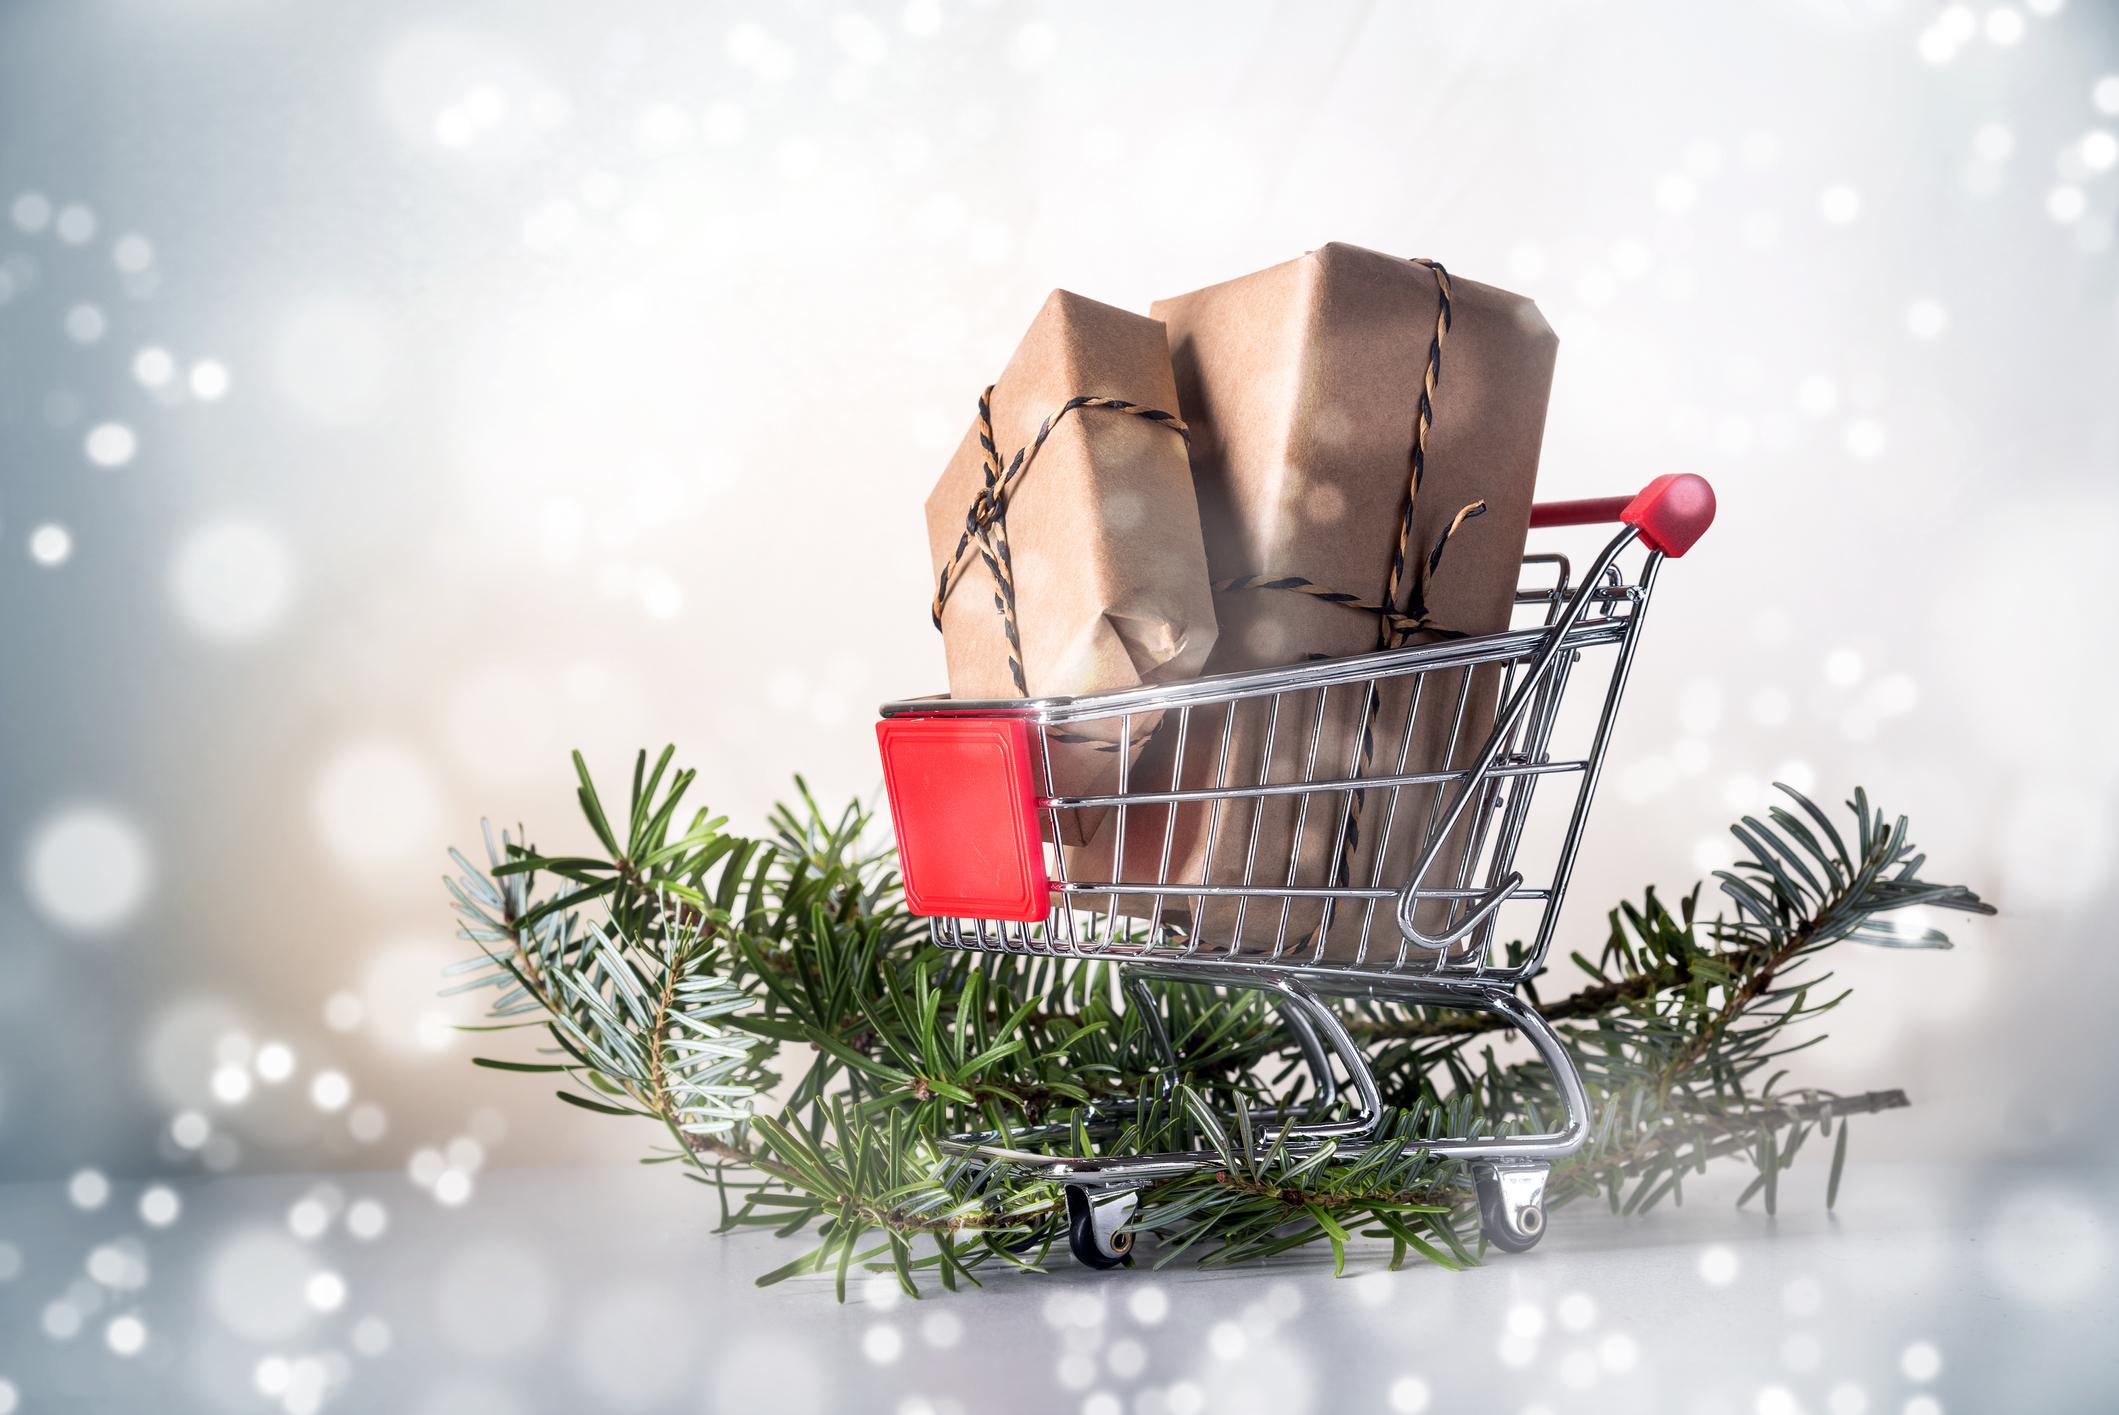 Einzelhandel: Insgesamt schwacher Start ins Weihnachtsgeschäft